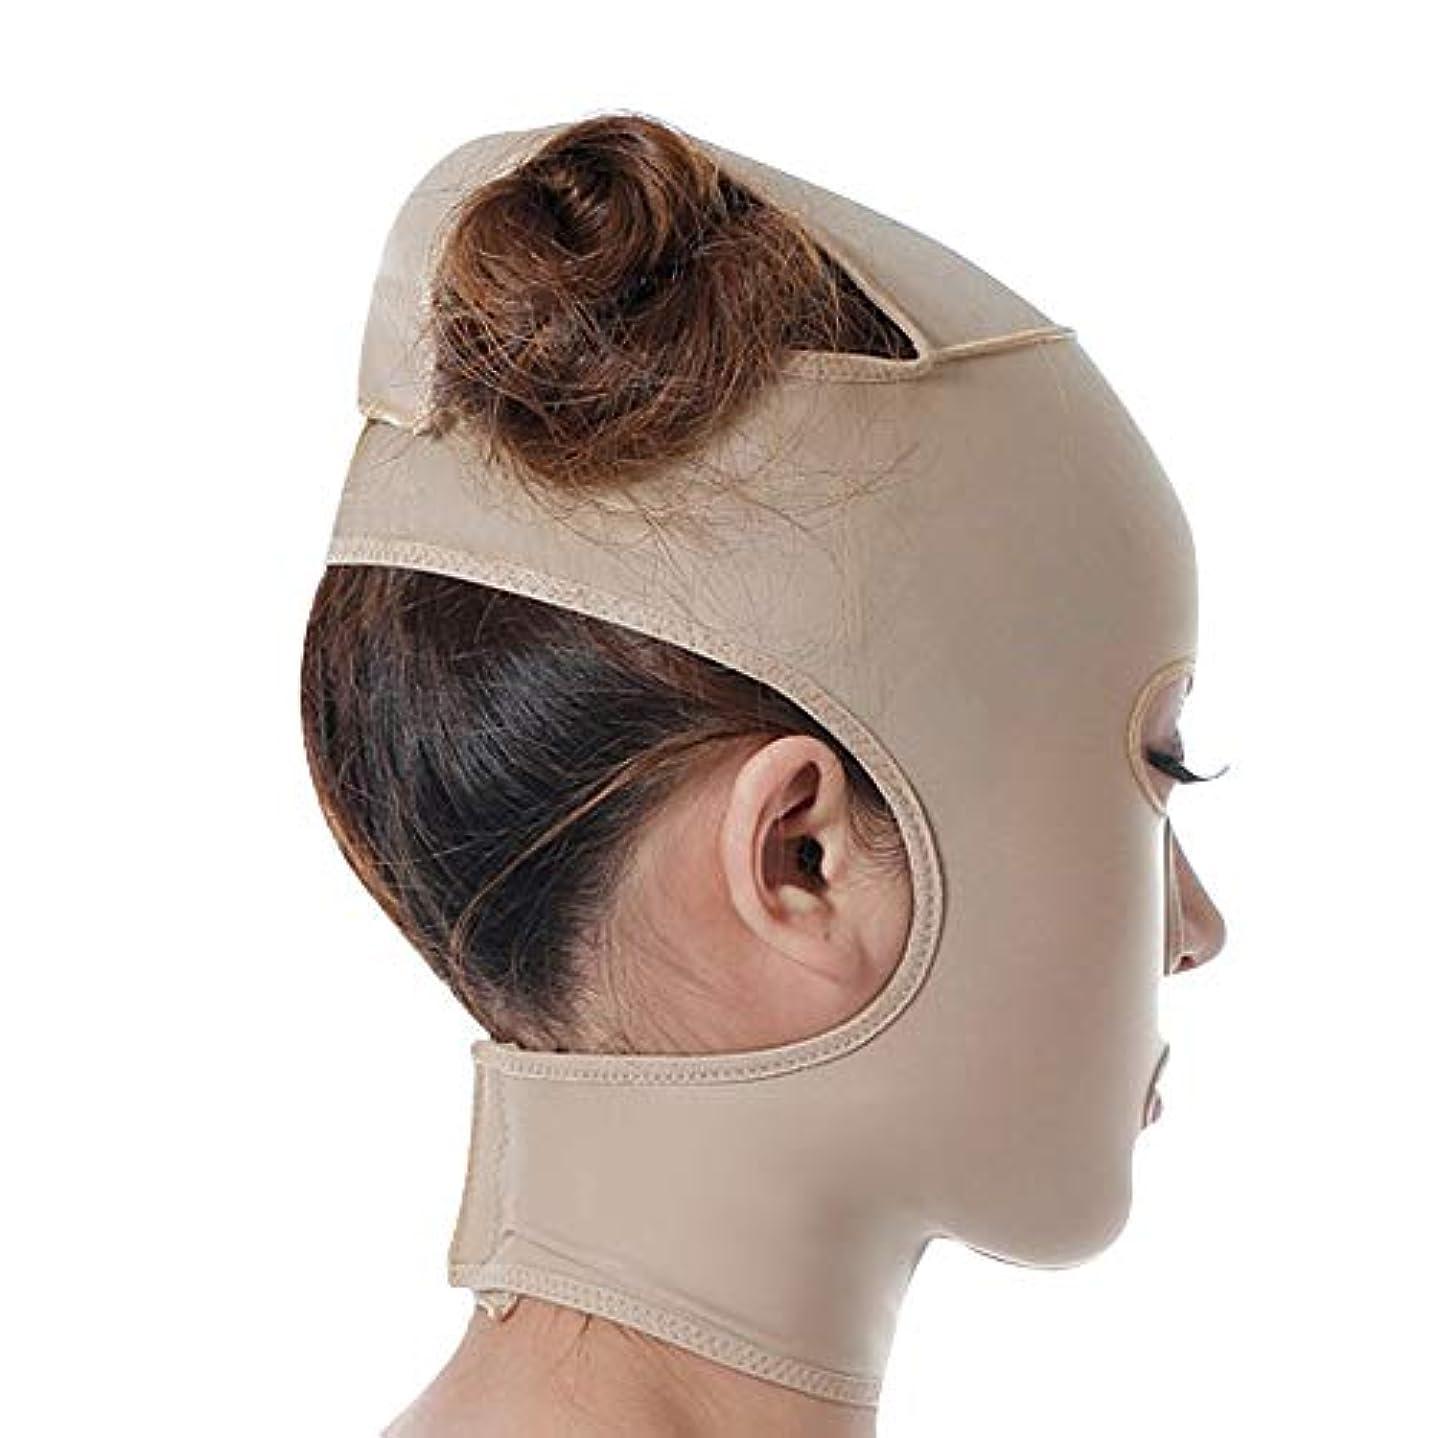 許可店主無臭TLMY 引き締めマスクマスク美容薬マスク美容V顔包帯ライン彫刻リフティング引き締め二重あごマスク 顔用整形マスク (Size : M)